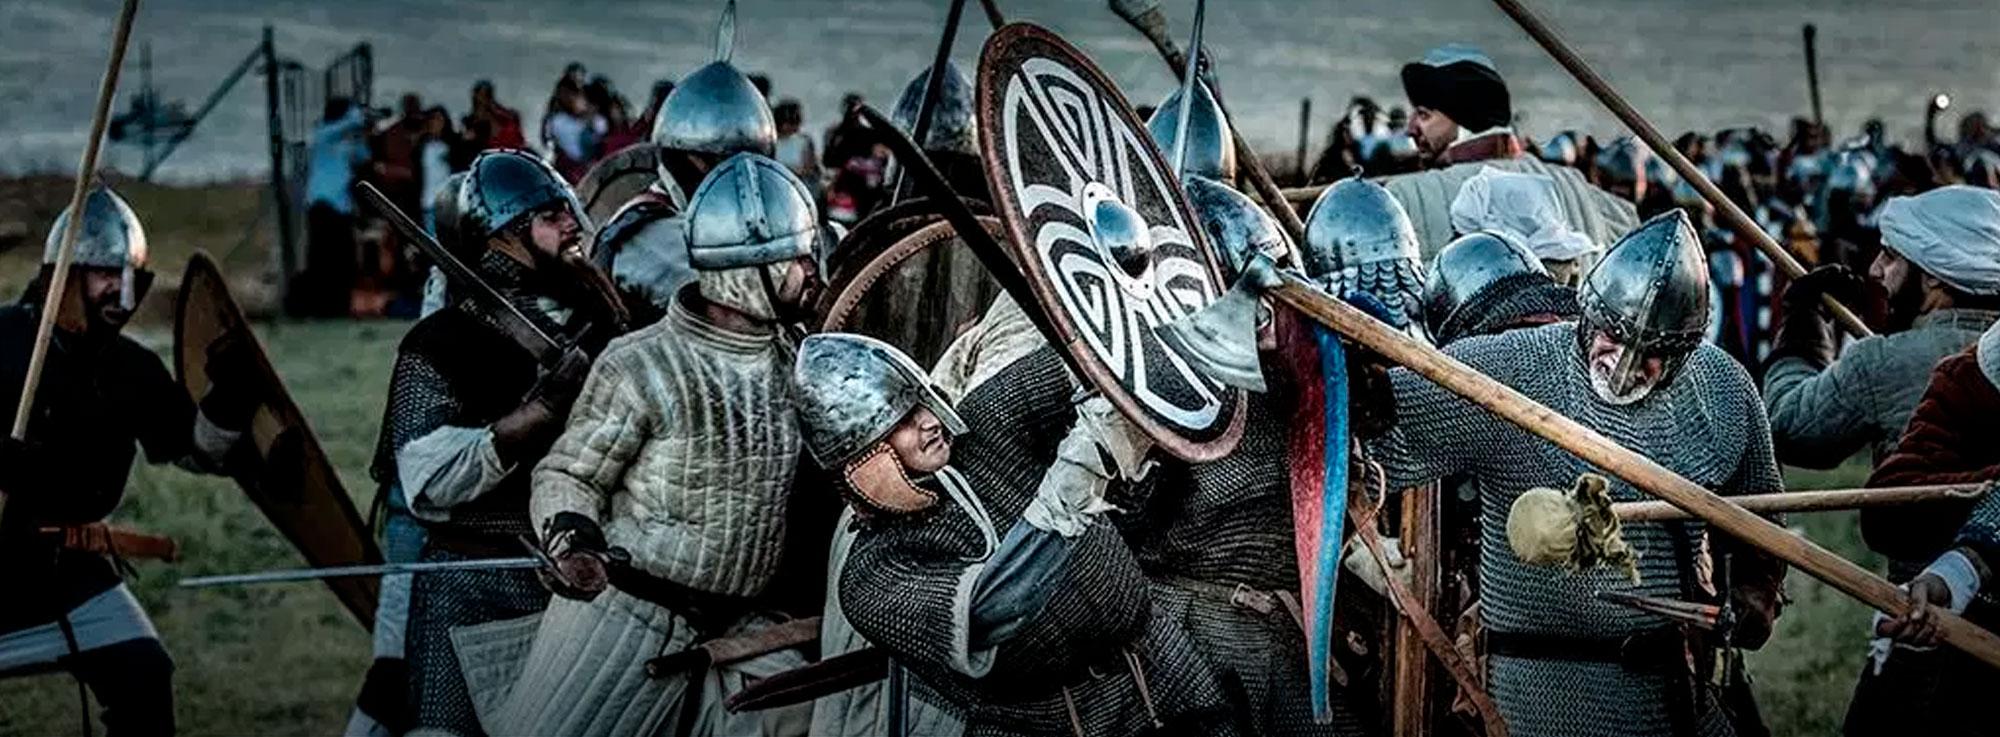 Taranto: Battaglia dell'XI secolo tra Normanni e Bizantini